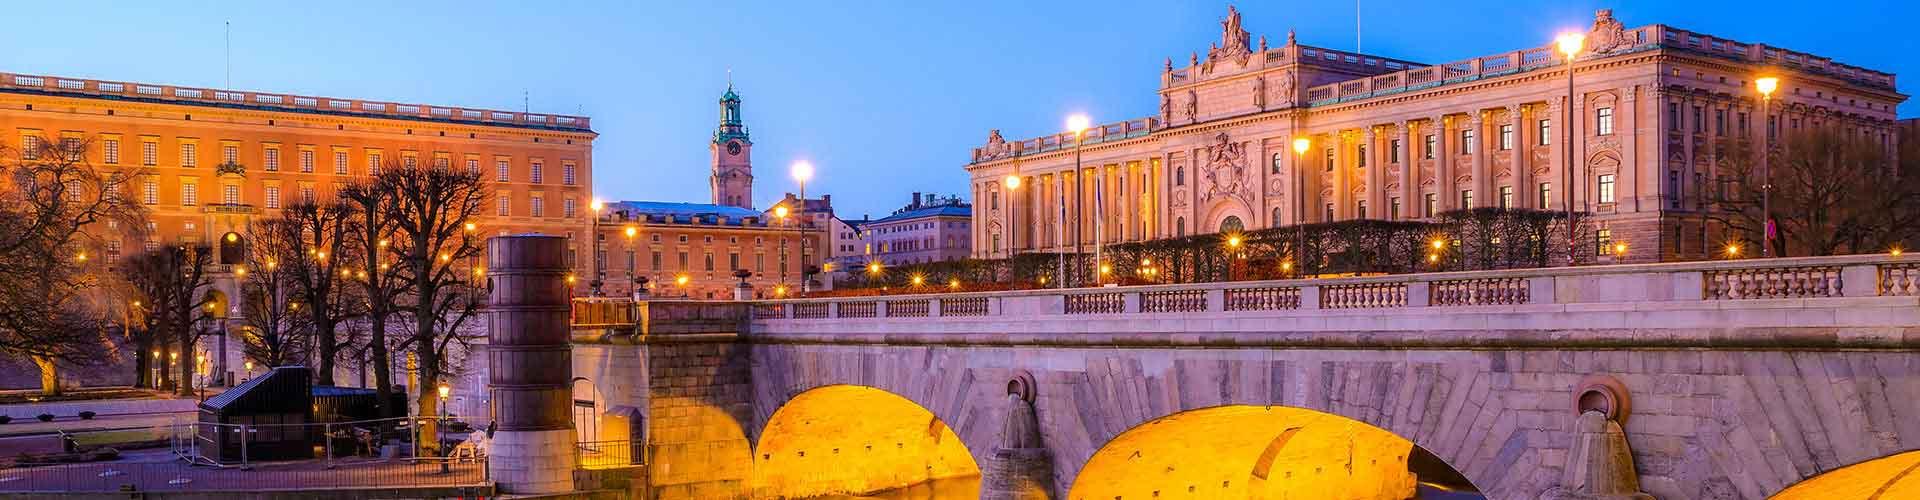 Estocolmo - Hoteles baratos en el distrito Gamla Stan. Mapas de Estocolmo, Fotos y comentarios de cada Hotel barato en Estocolmo.